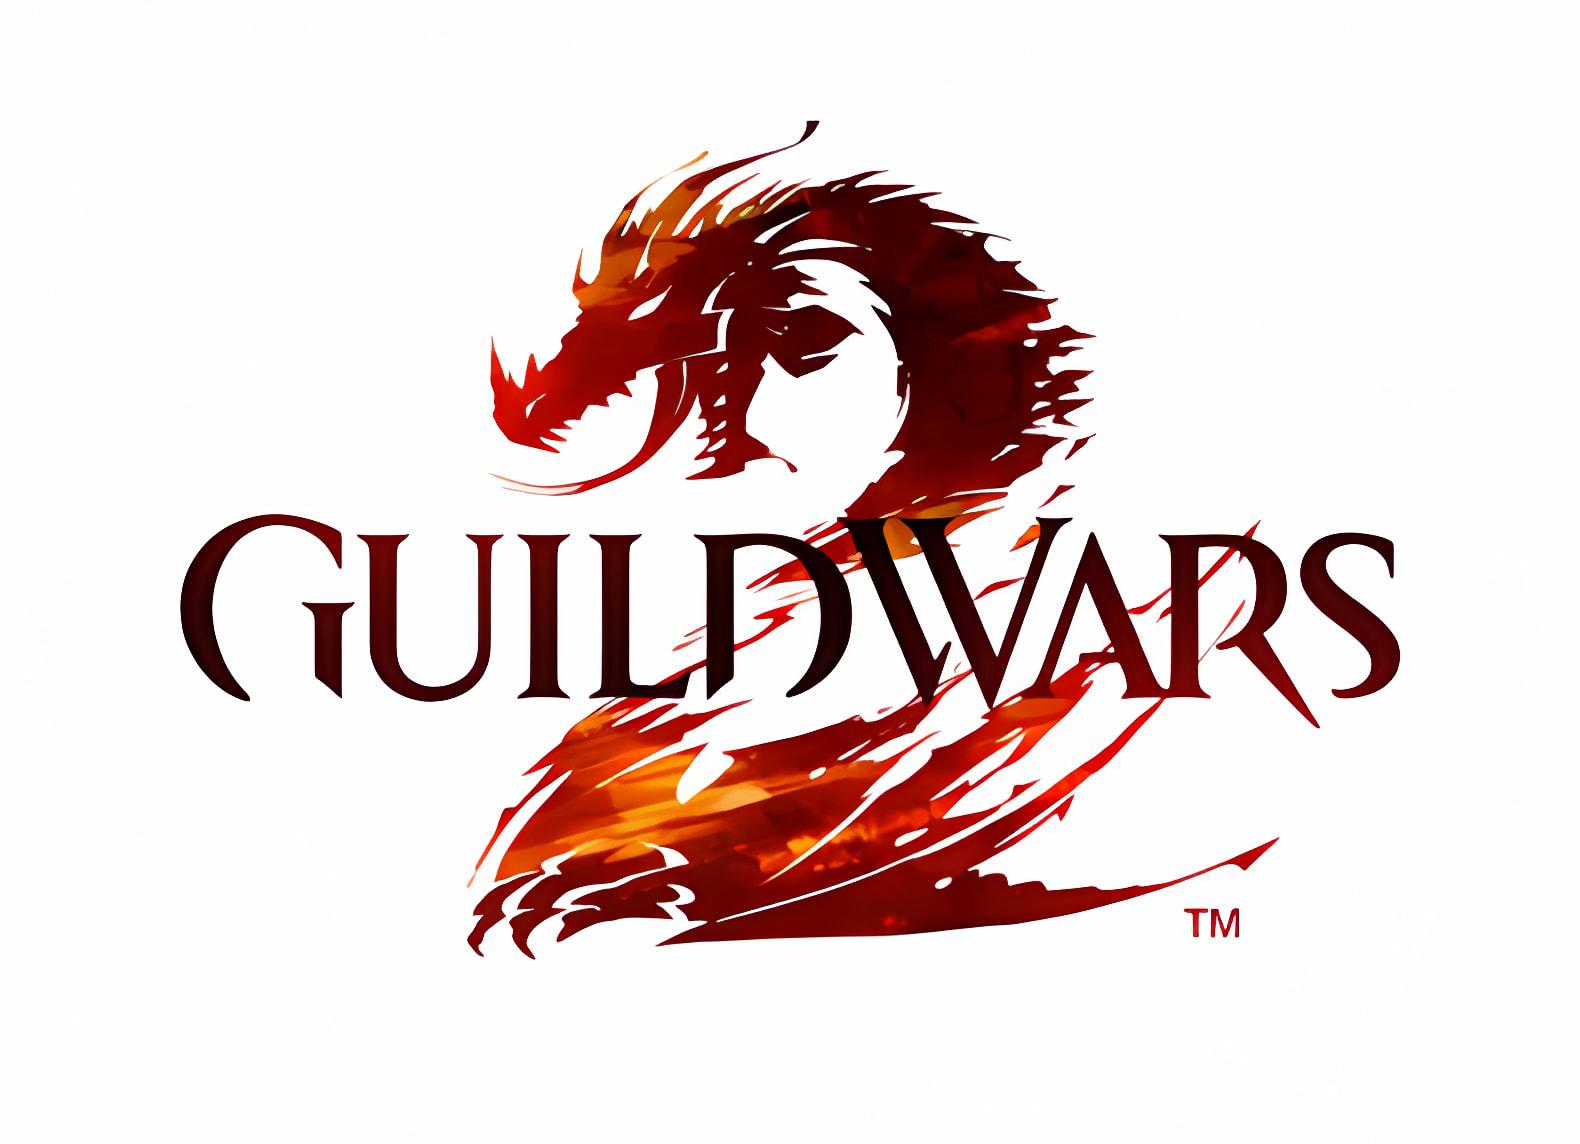 Guild Wars 2 Wallpaper Pack